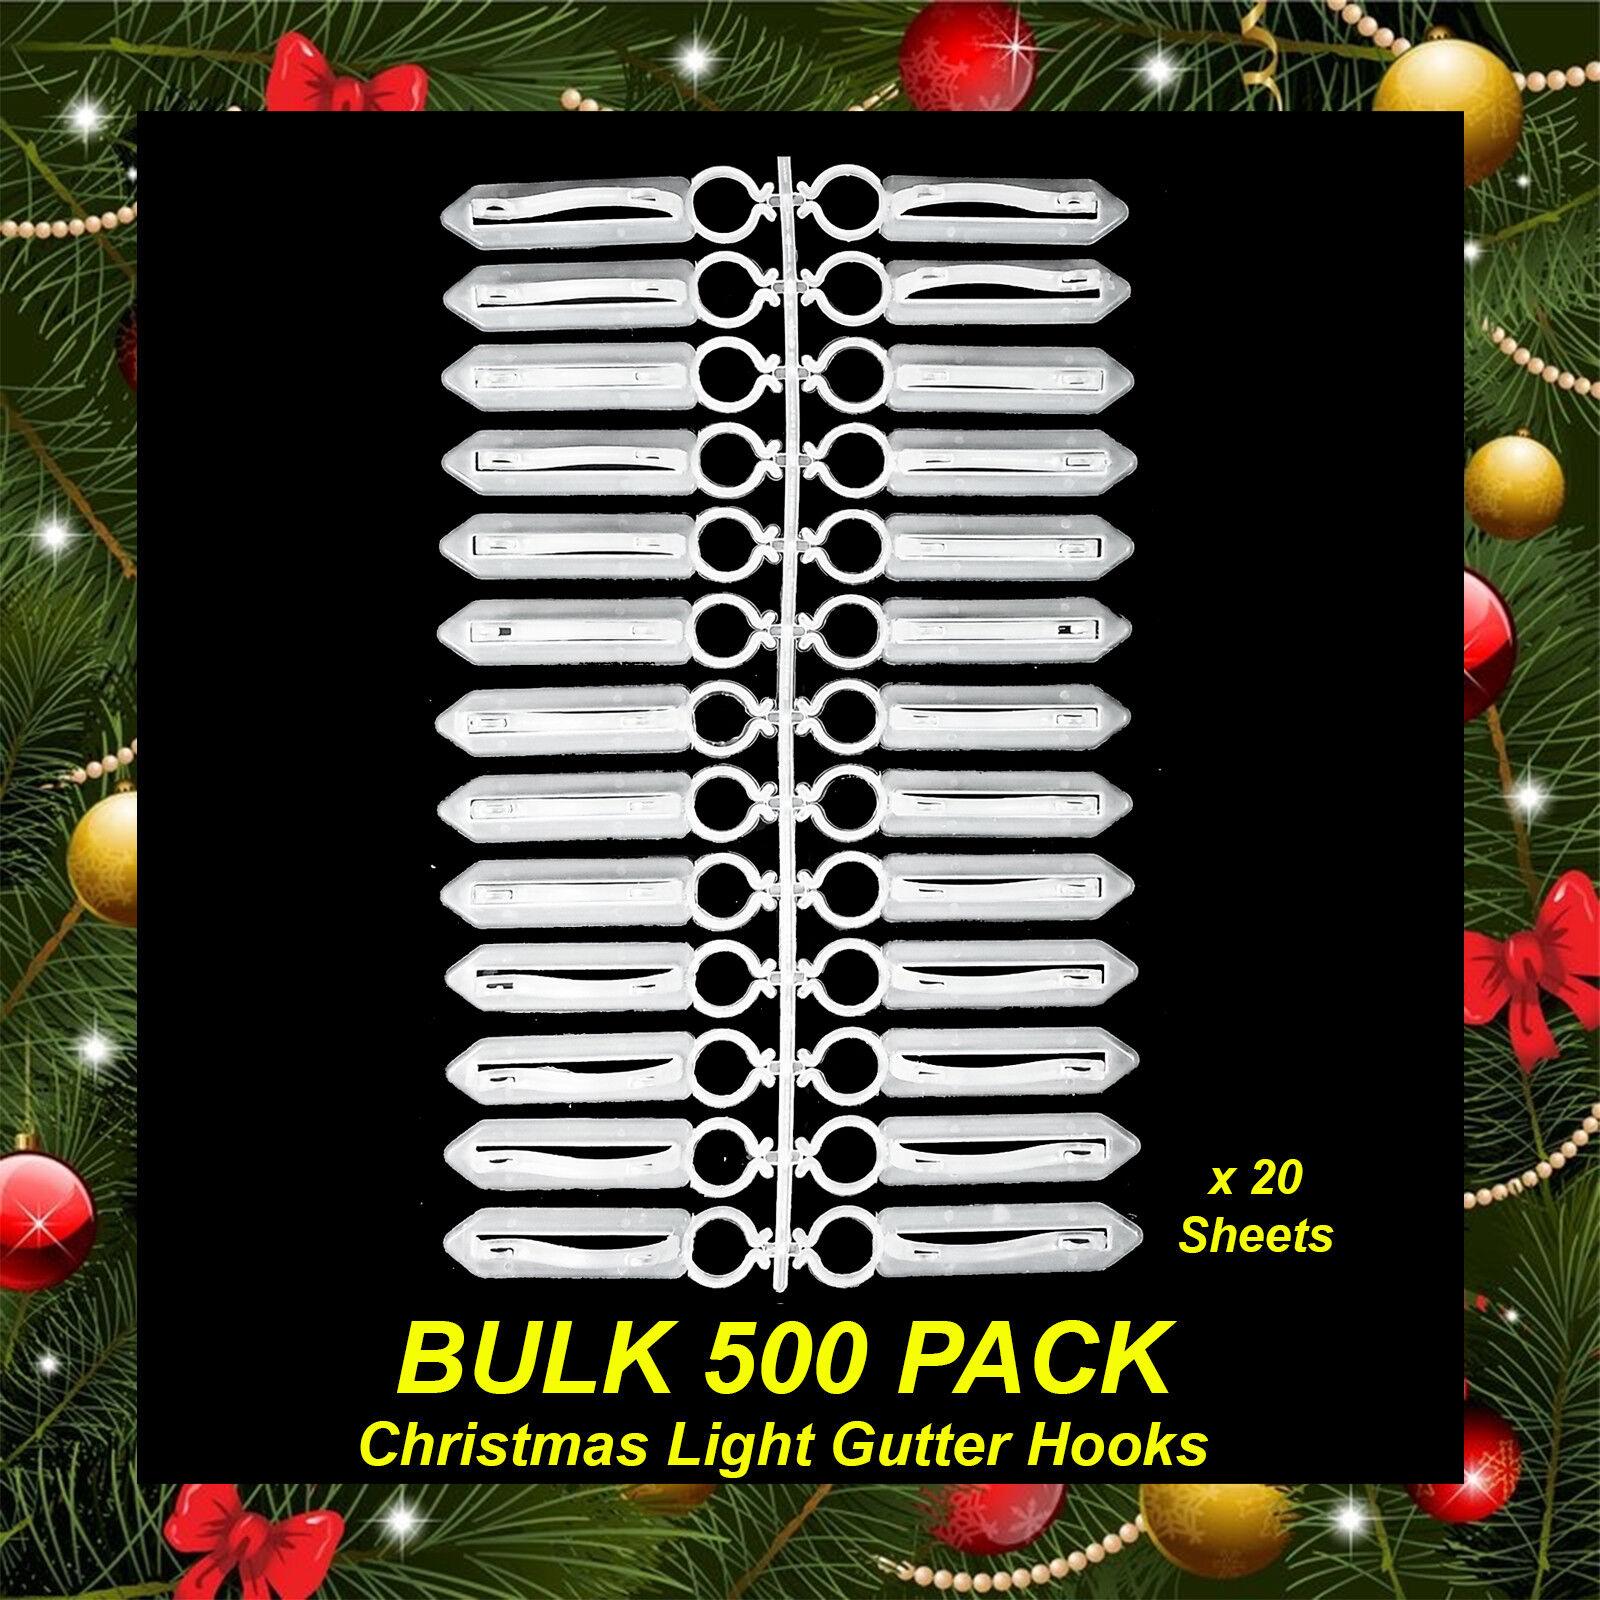 BULK 500 Pack Gutter Hooks   Clips for Hanging Christmas Lights String Fairy